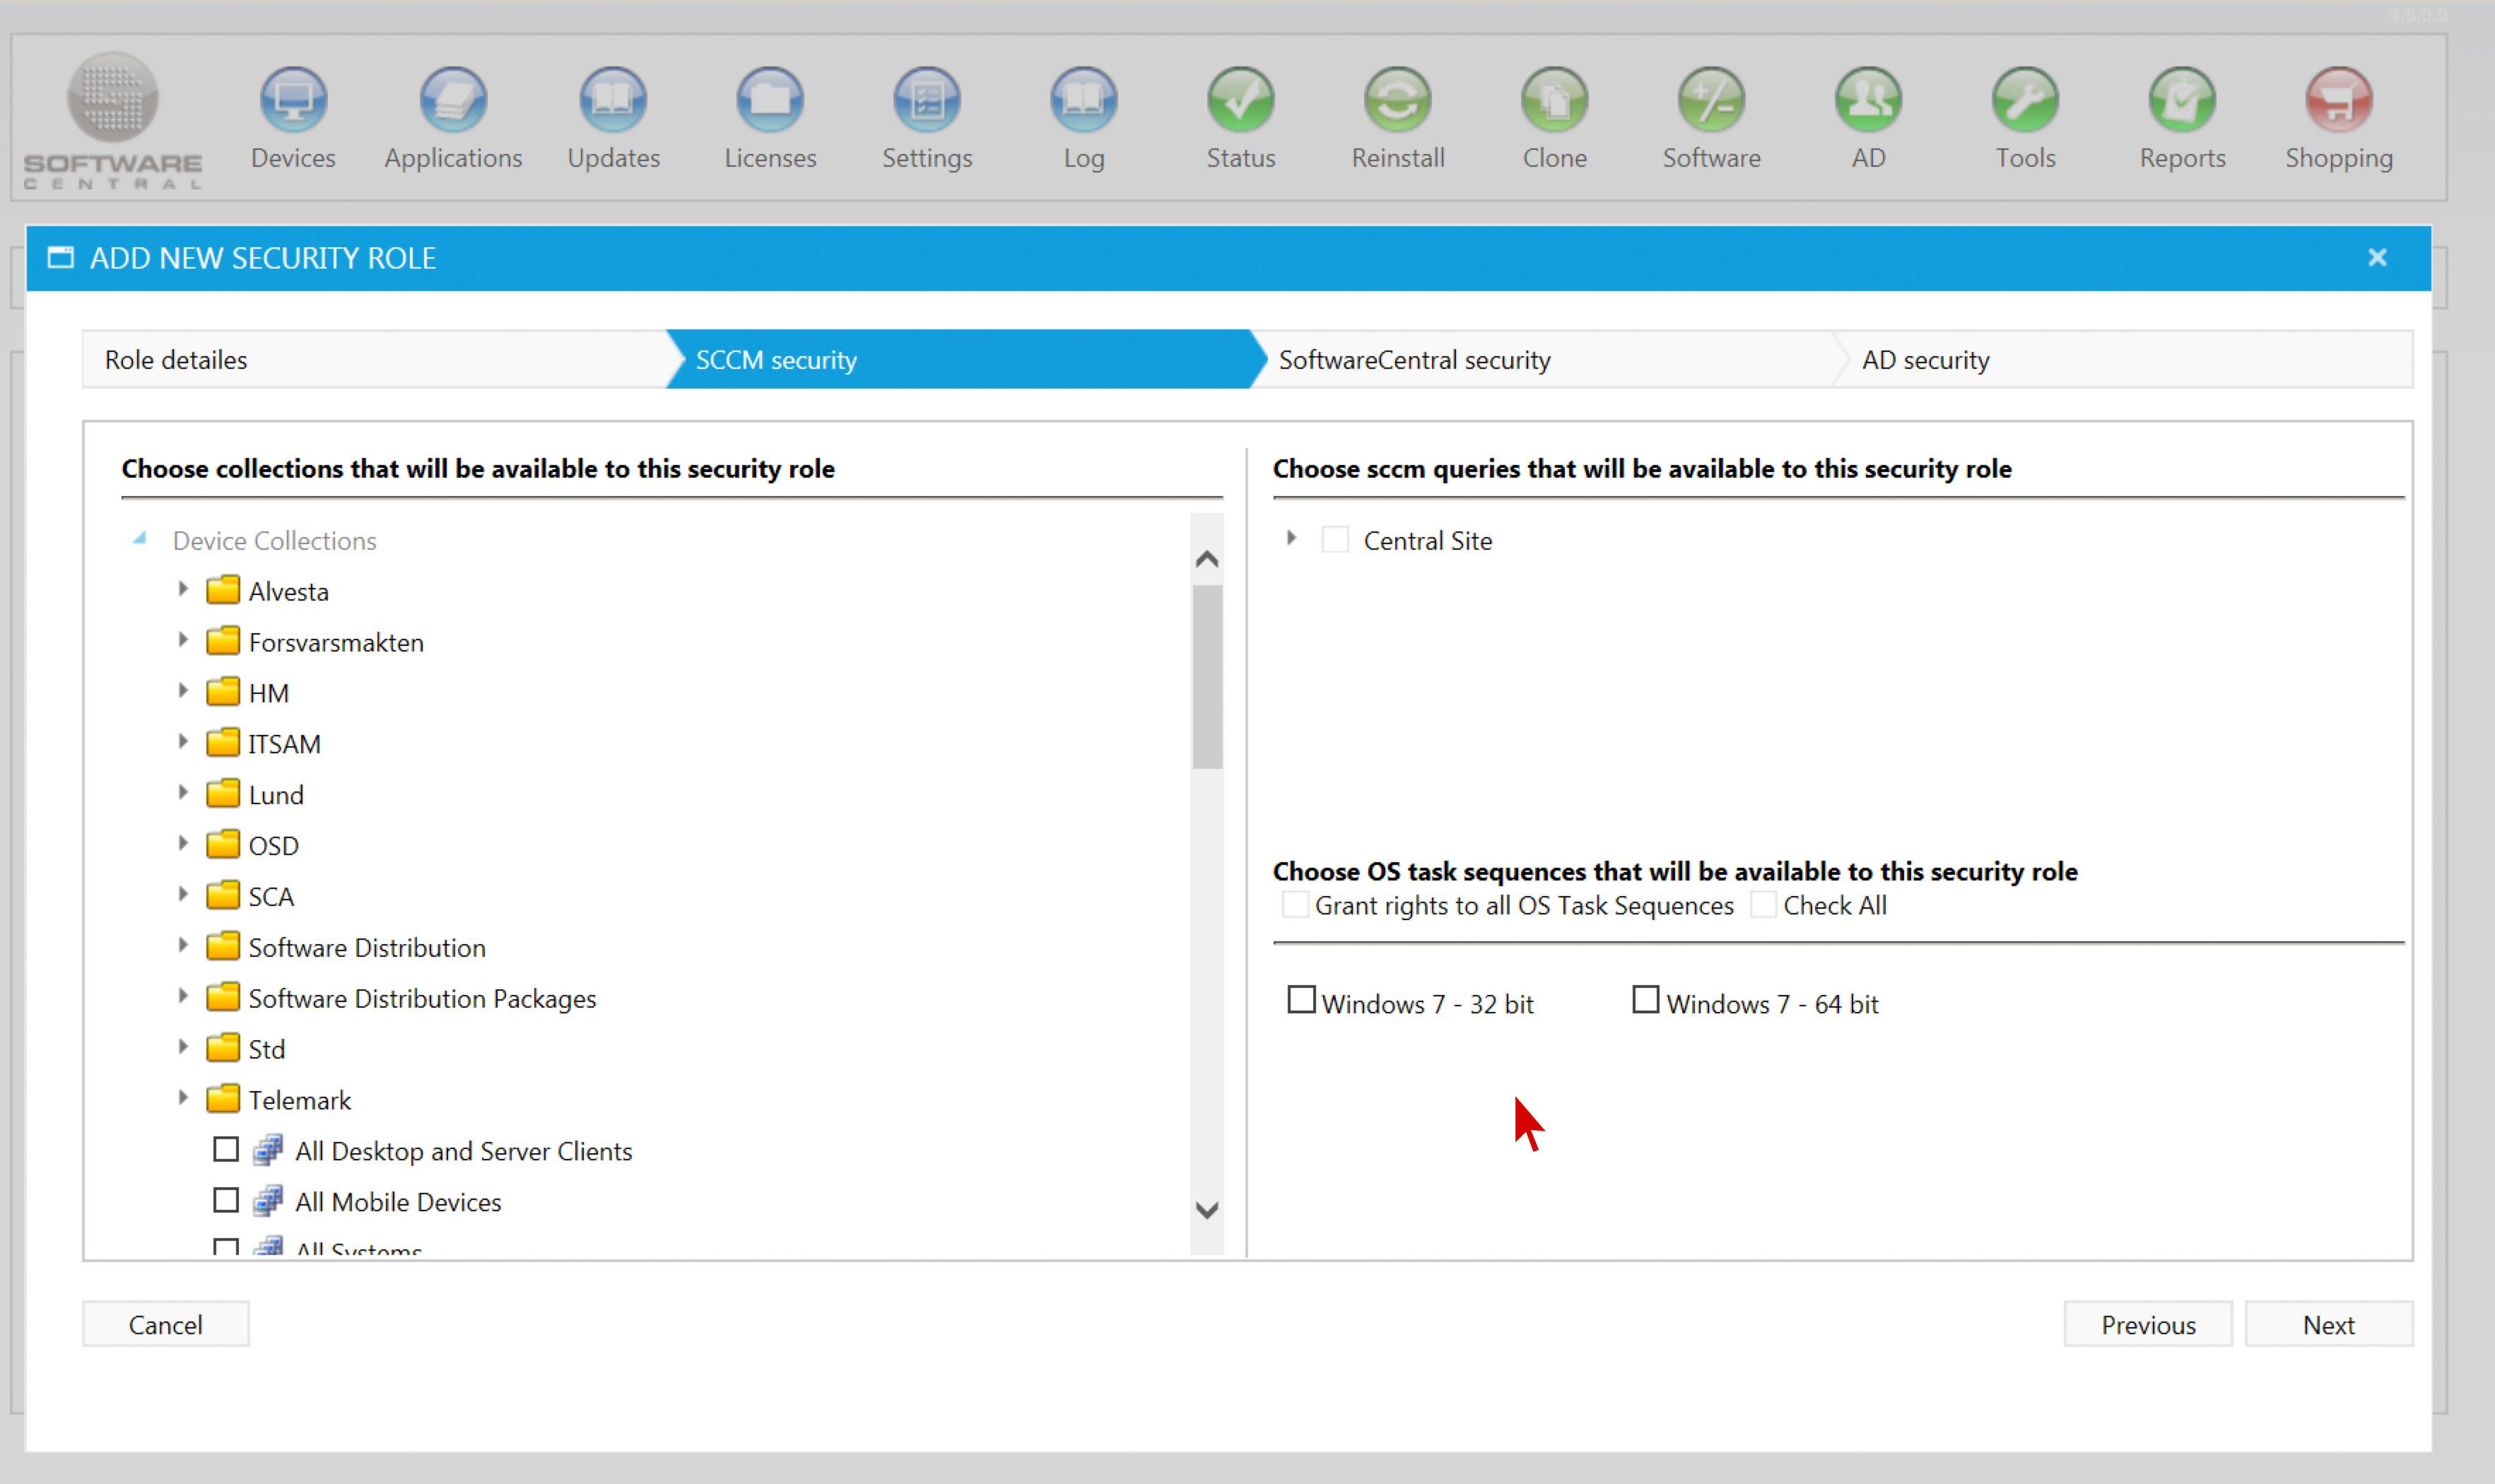 entrar digerir Bajo mandato  Delegate SCCM tasks to the Helpdesk with SoftwareCentral